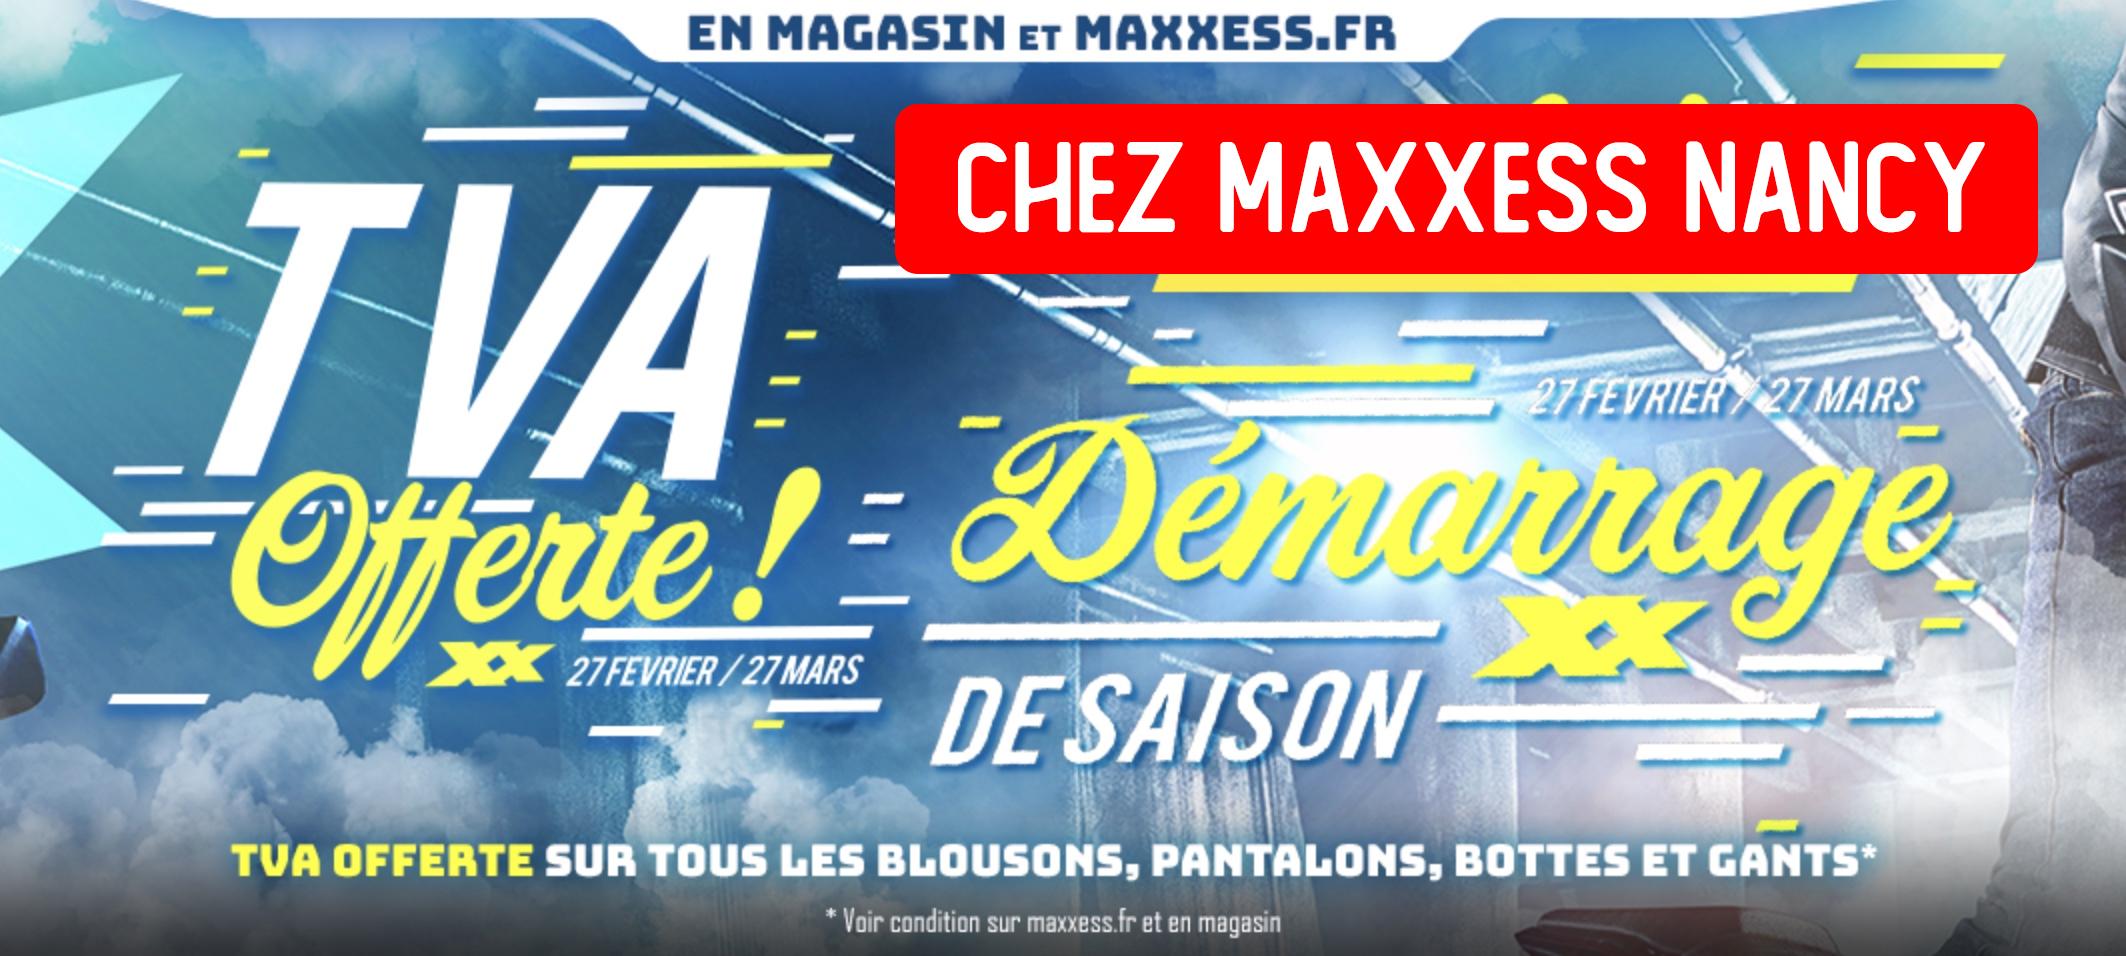 Démarrage De Saison Chez MAXXESS NANCY